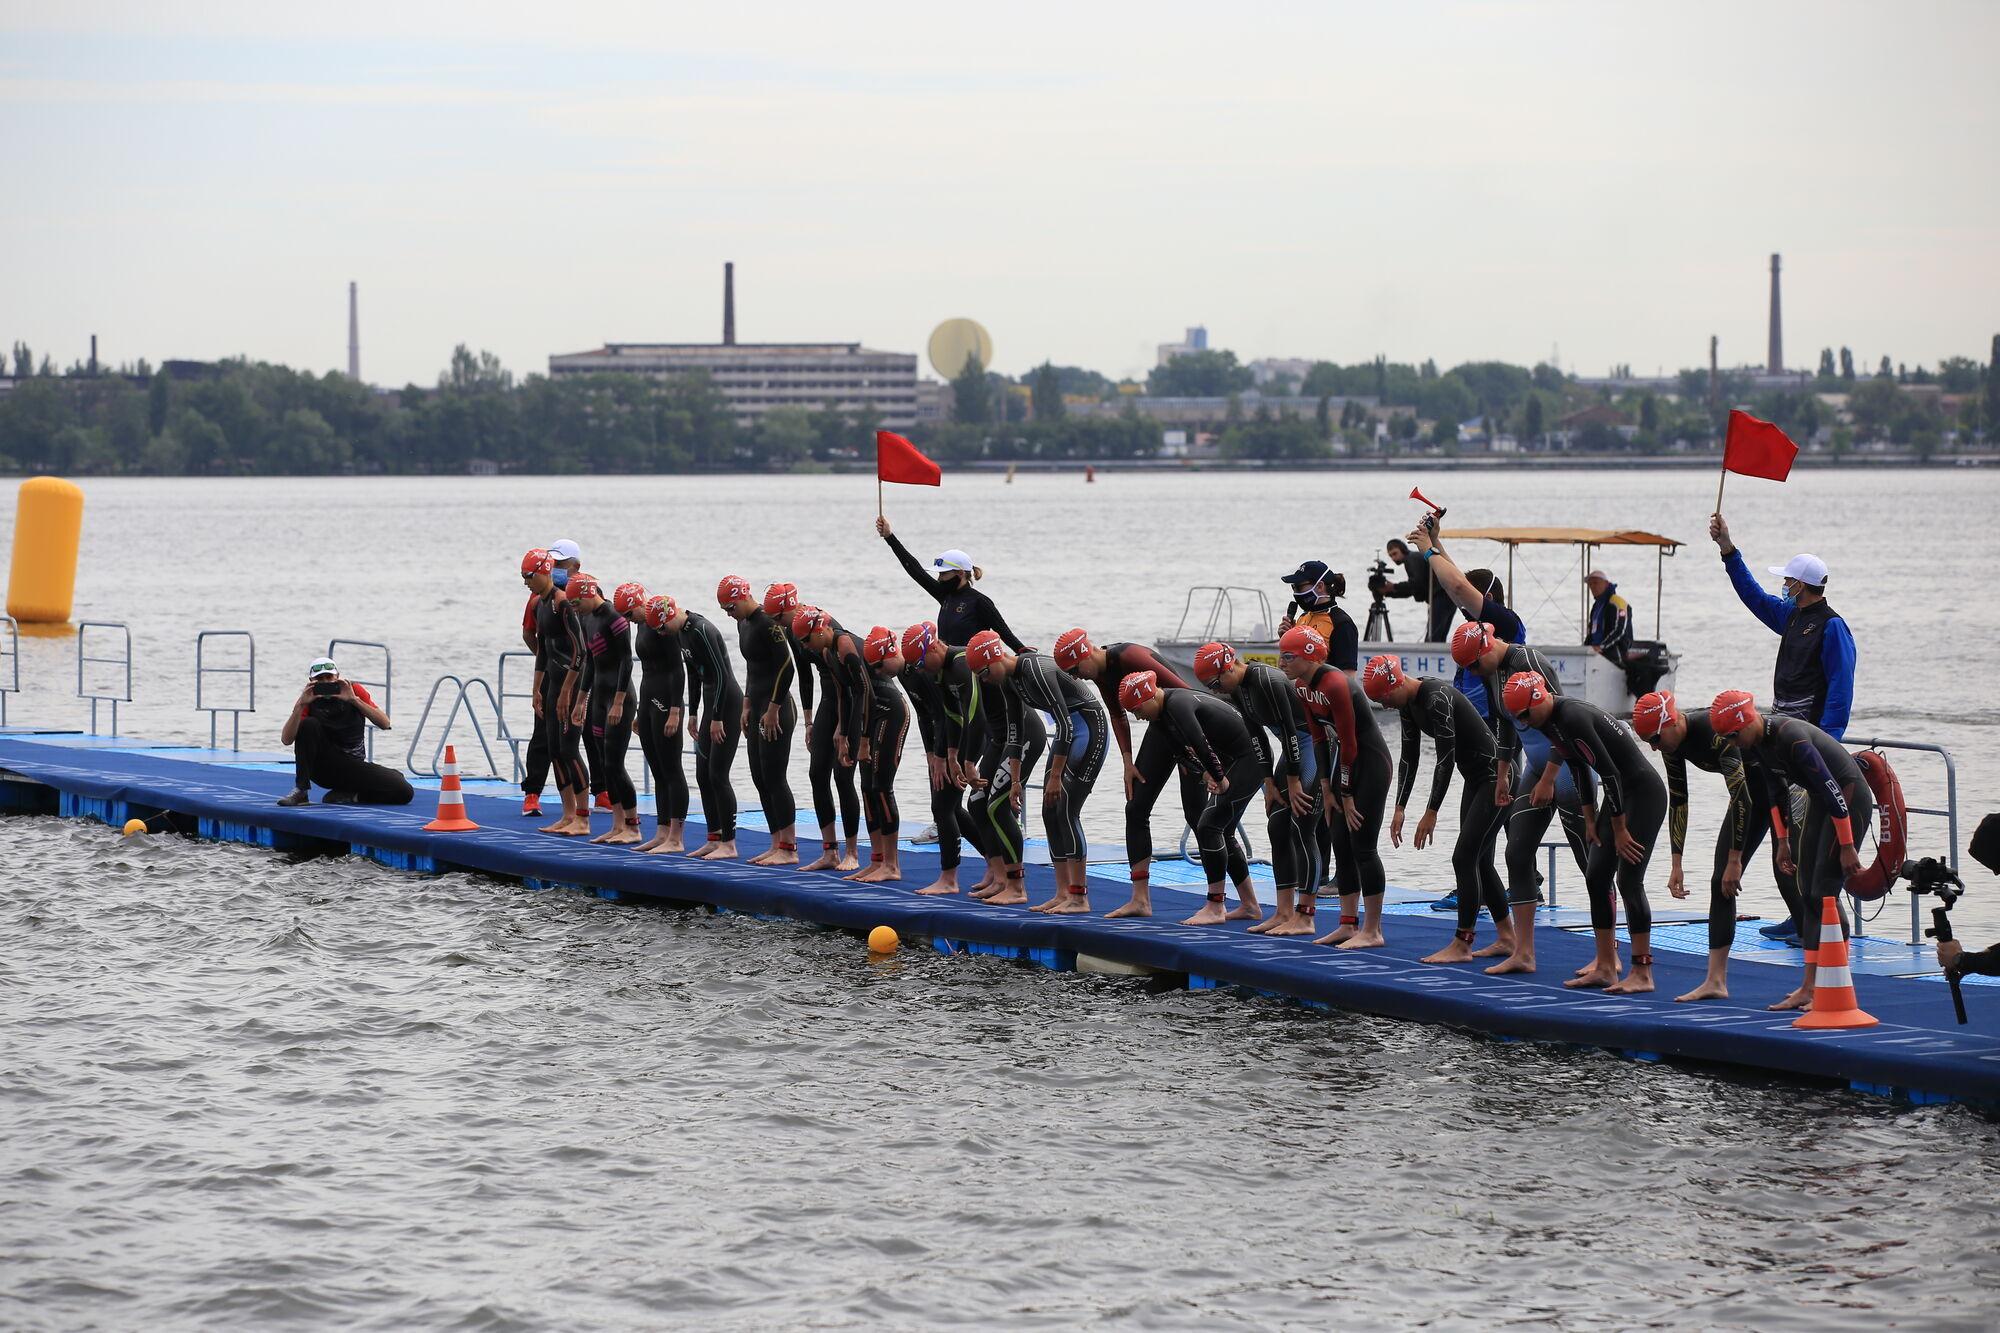 У Дніпрі стартували дводенні міжнародні змагання з триатлону